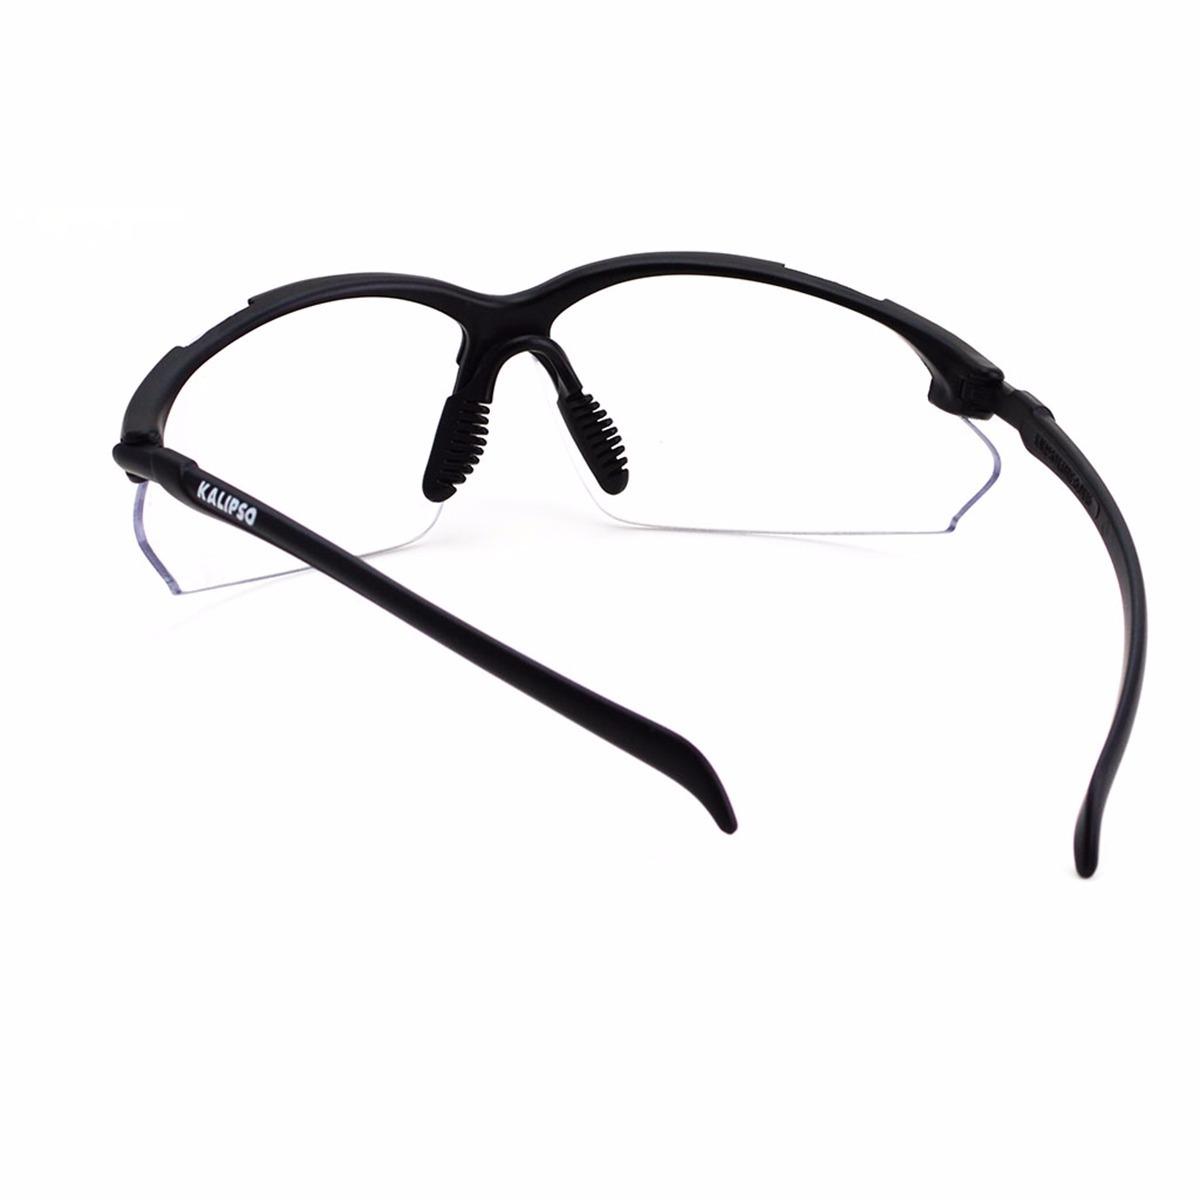 b7cd930ad3c96 Óculos De Segurança Anti-risco Capri Kalipso Ca 25714 - R  14,50 em ...